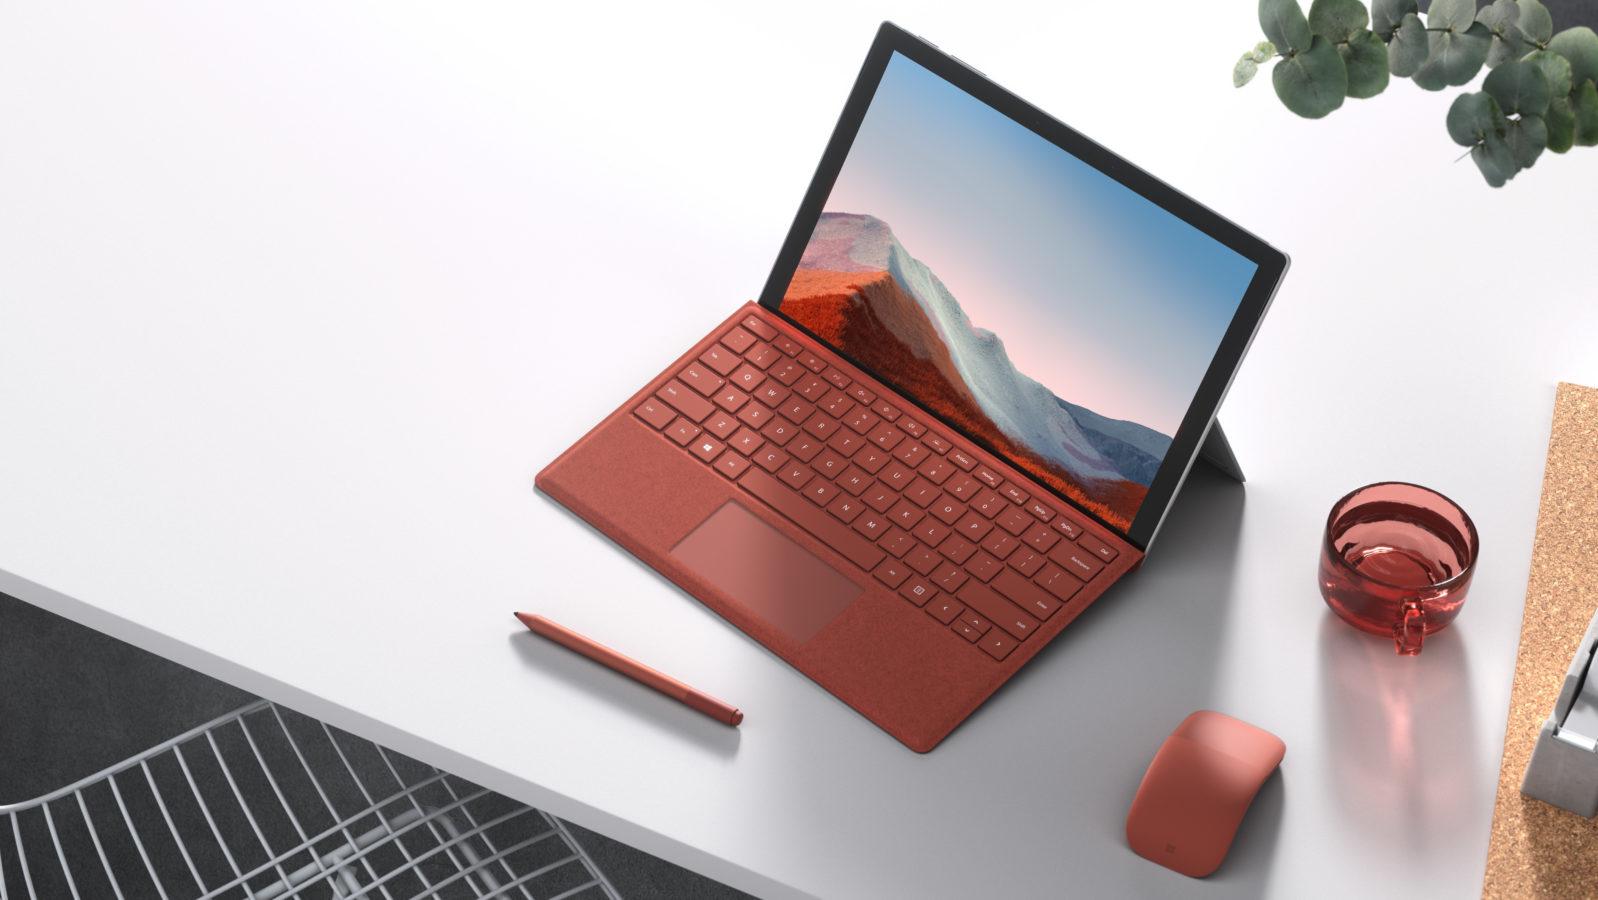 Microsoft Lanca Surface Pro X Com Chip Arm Atualizado E Opcao Na Cor Platina Gizmodo Brasil